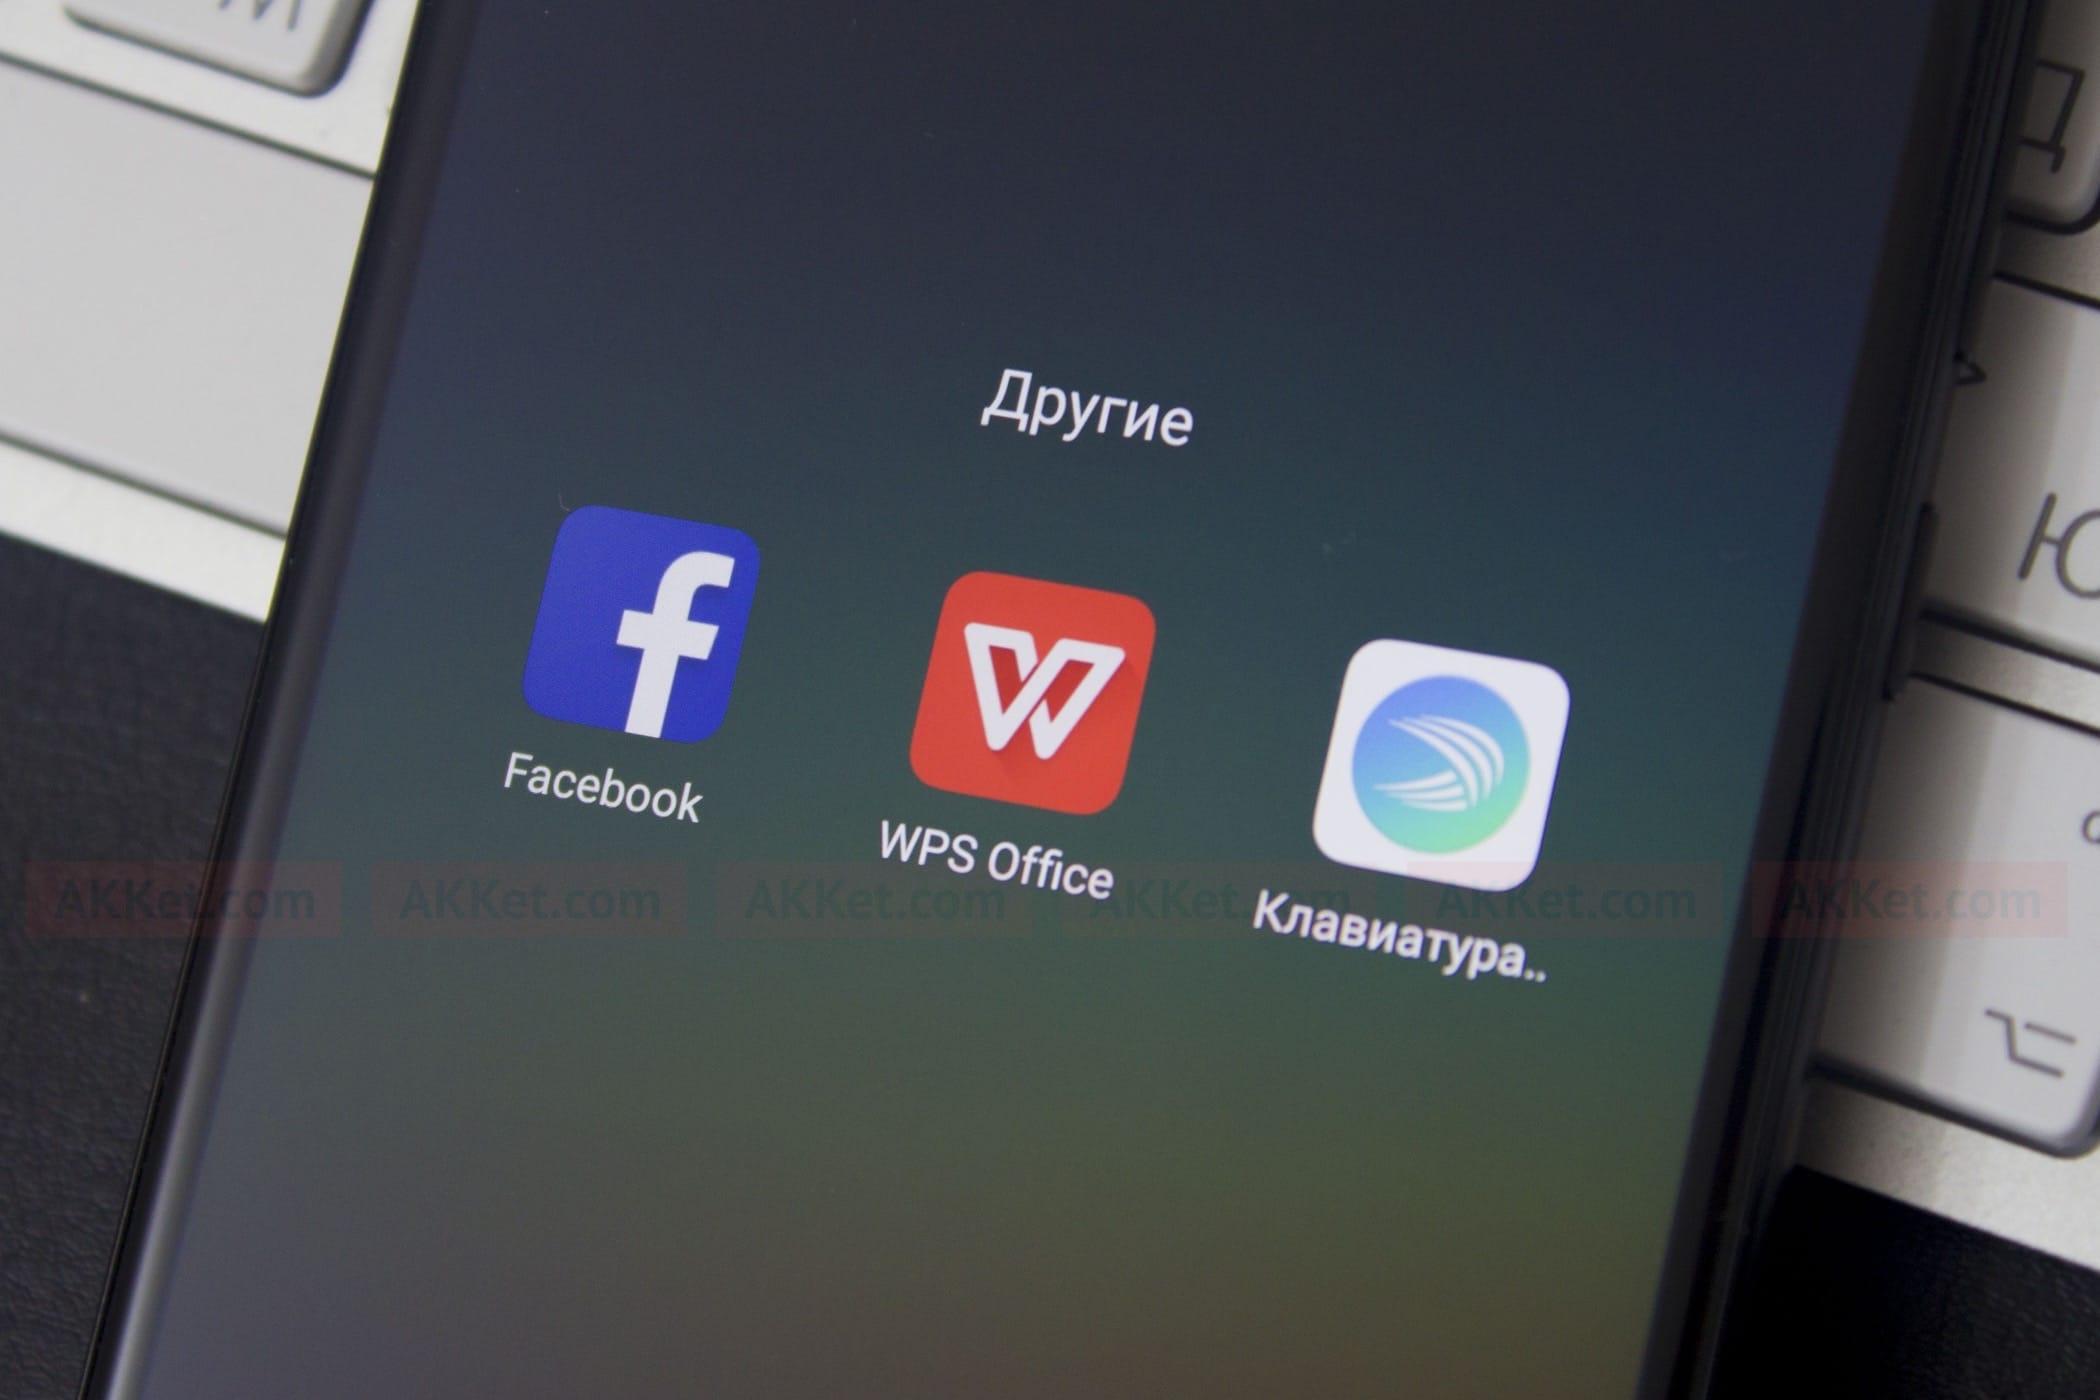 Хакеры научились обходить систему проверки приложений вPlay Store